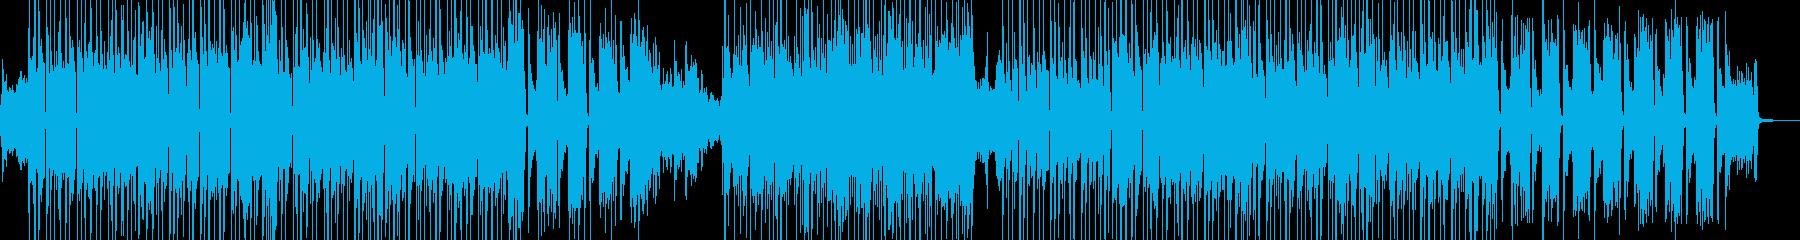 琴・三味線 渋くてクールなビート 長尺の再生済みの波形